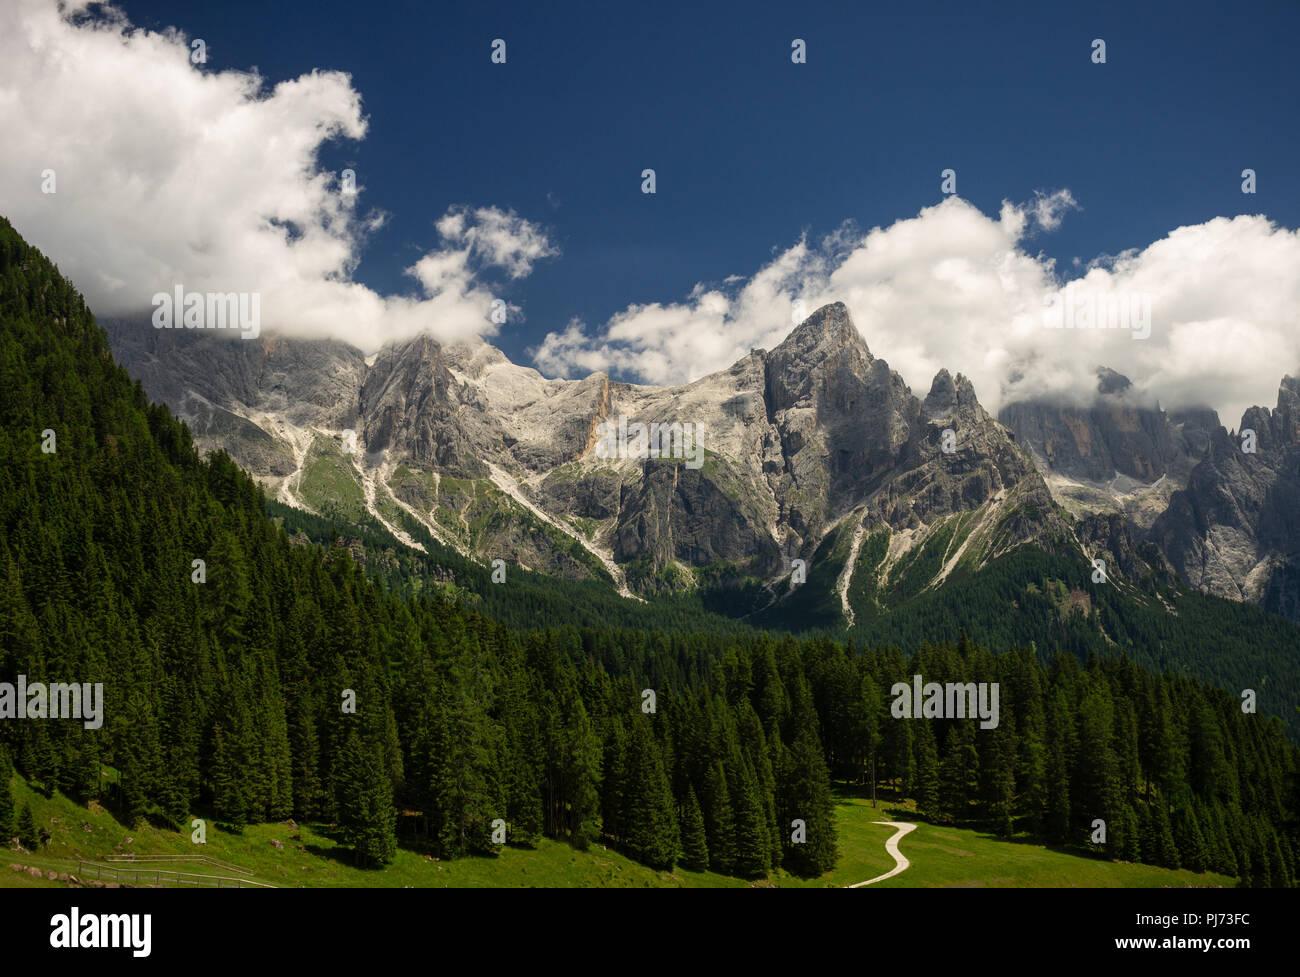 Pala Group from Malga Ces (San Martino di Castrozza, Province of Trento, Italy) Stock Photo